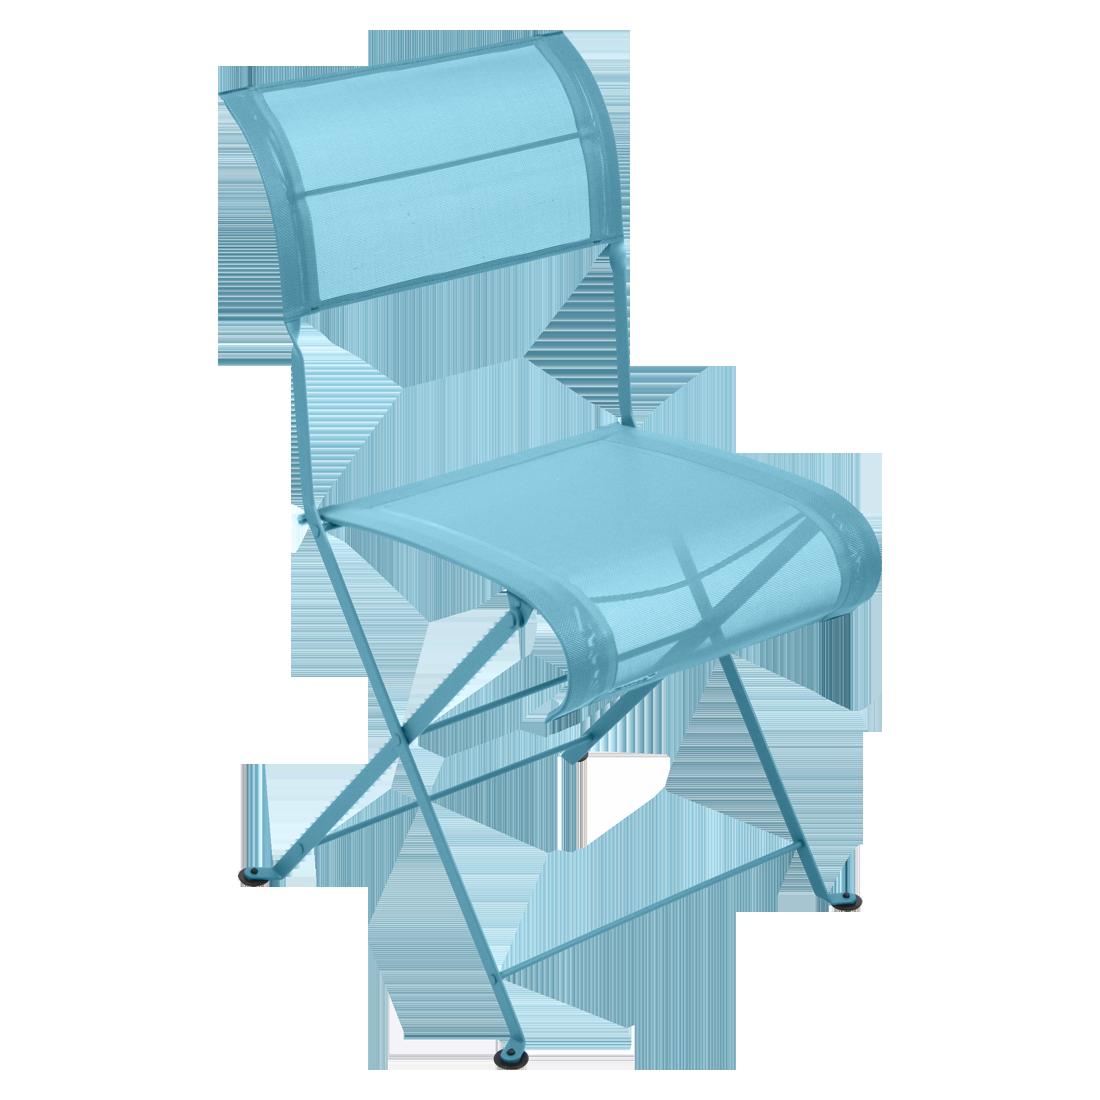 Chaise Pliante DUNE PREMIUM De Fermob Bleu Turquoise